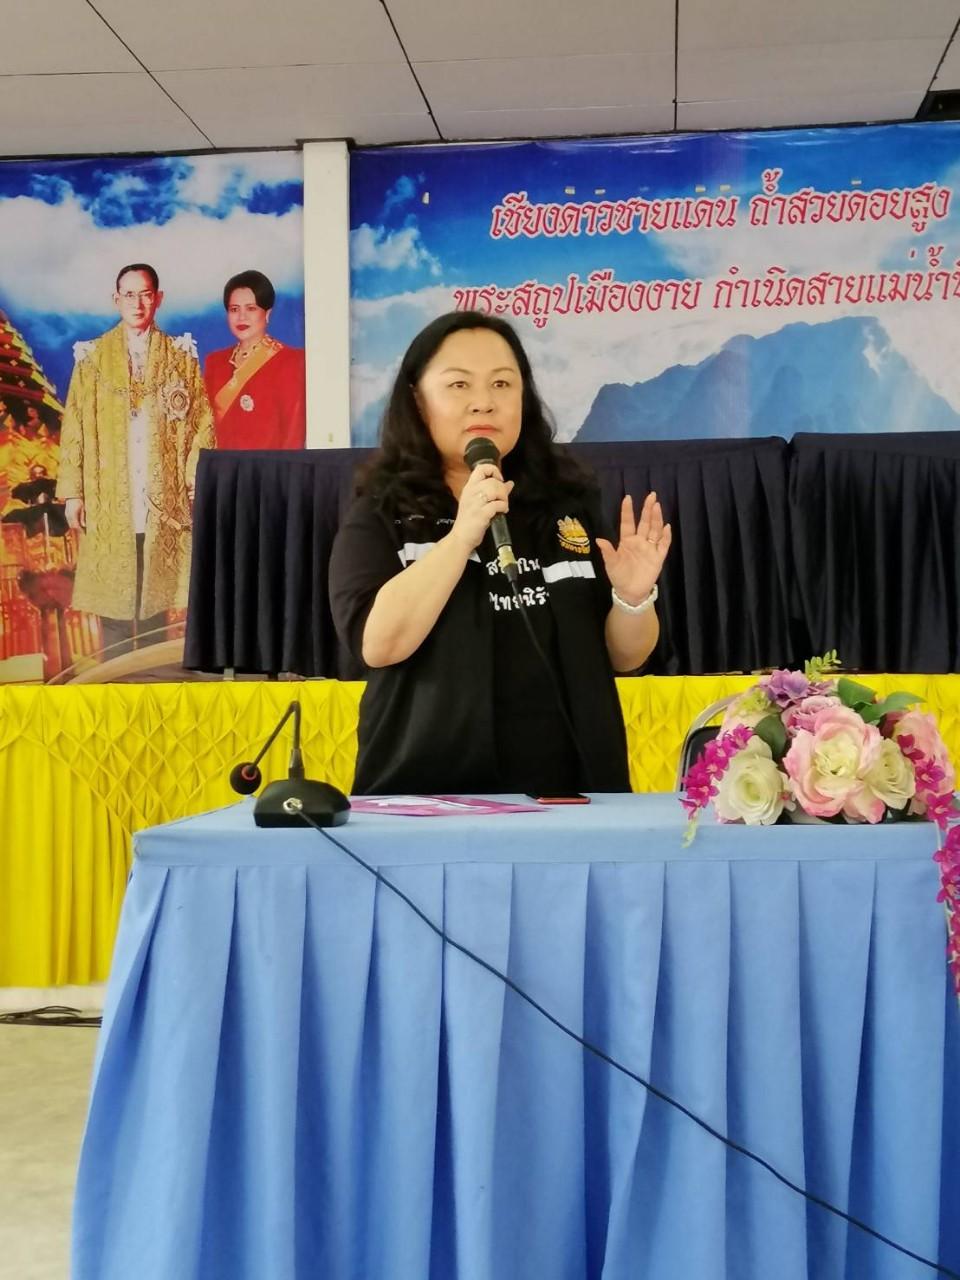 จัดโครงการเสริมสร้างการรับรู้ให้กับนายจ้างสถานประกอบการที่จ้างแรงงานต่างด้าวกัมพูชา ลาว เมียนมา